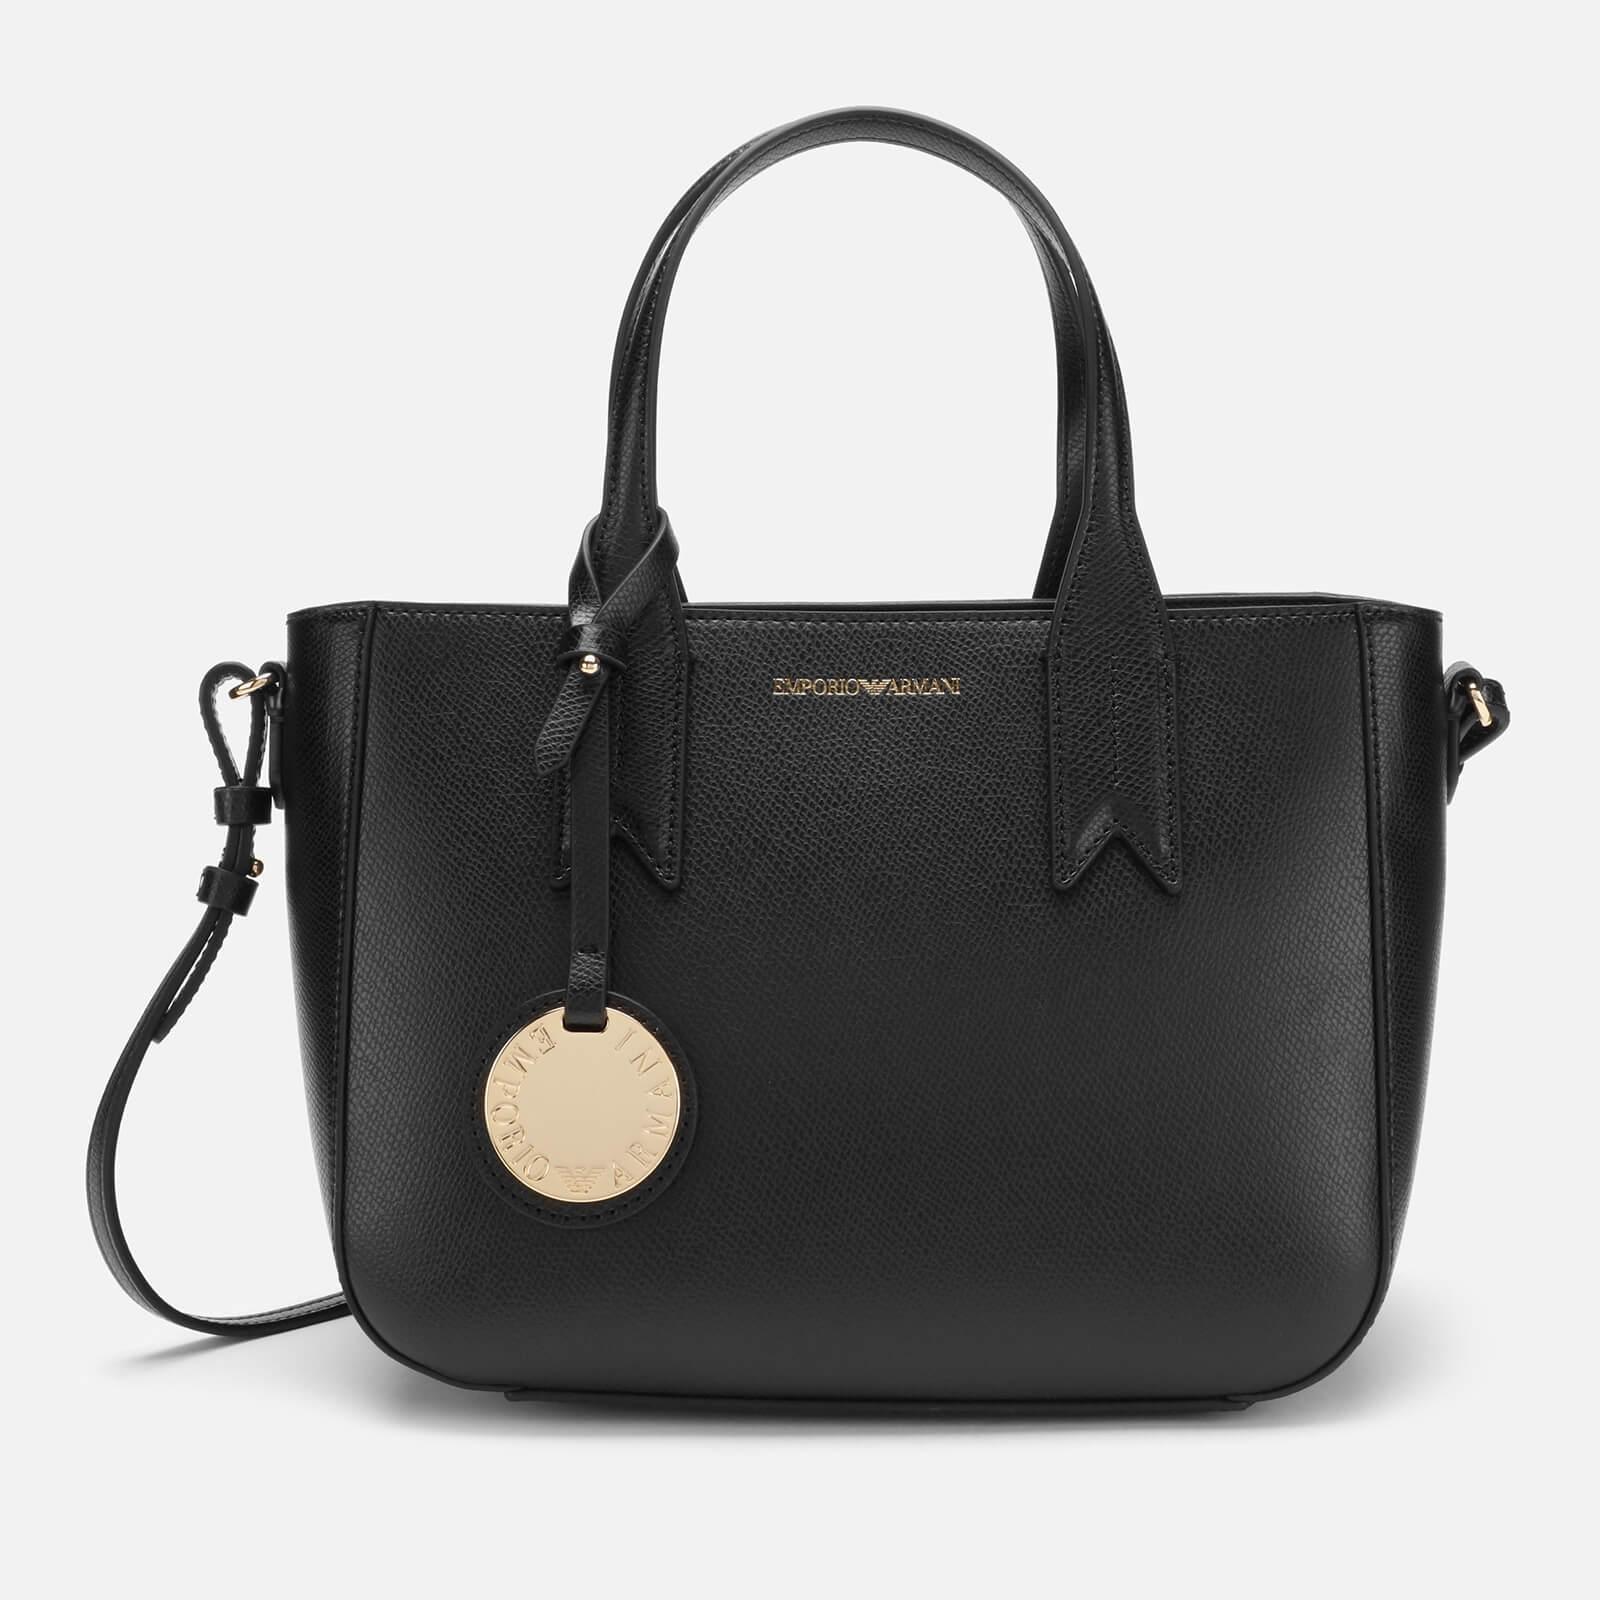 615885cd8d Emporio Armani Women's Tote Bag - Nero/Rosso